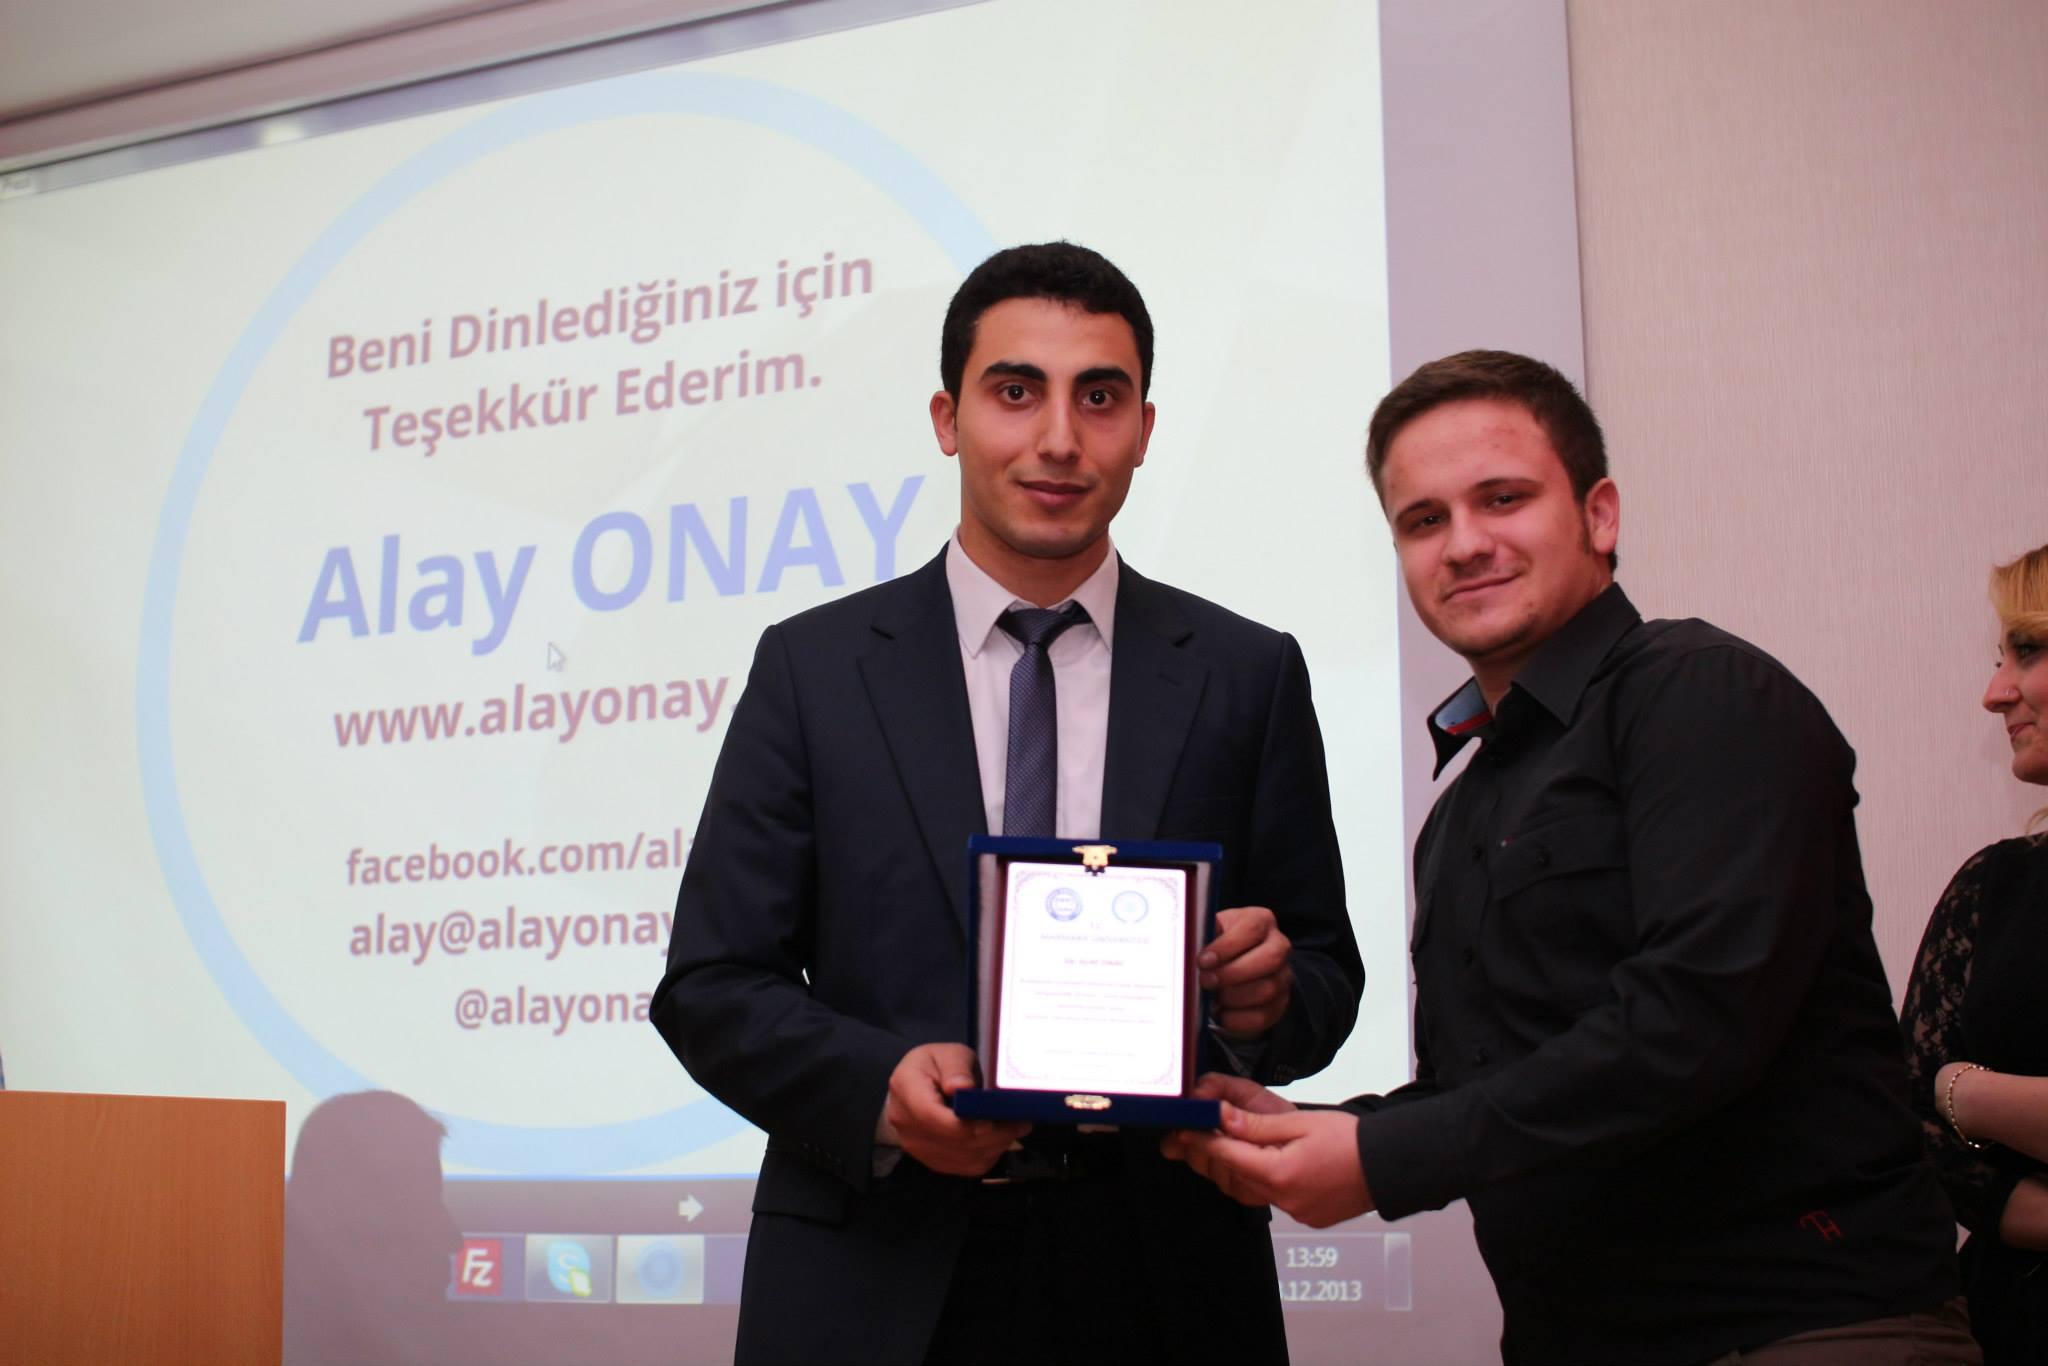 Alay Onay Marmara Üniversitesi Sosyal Medya Girişimcilik Sunum (4)